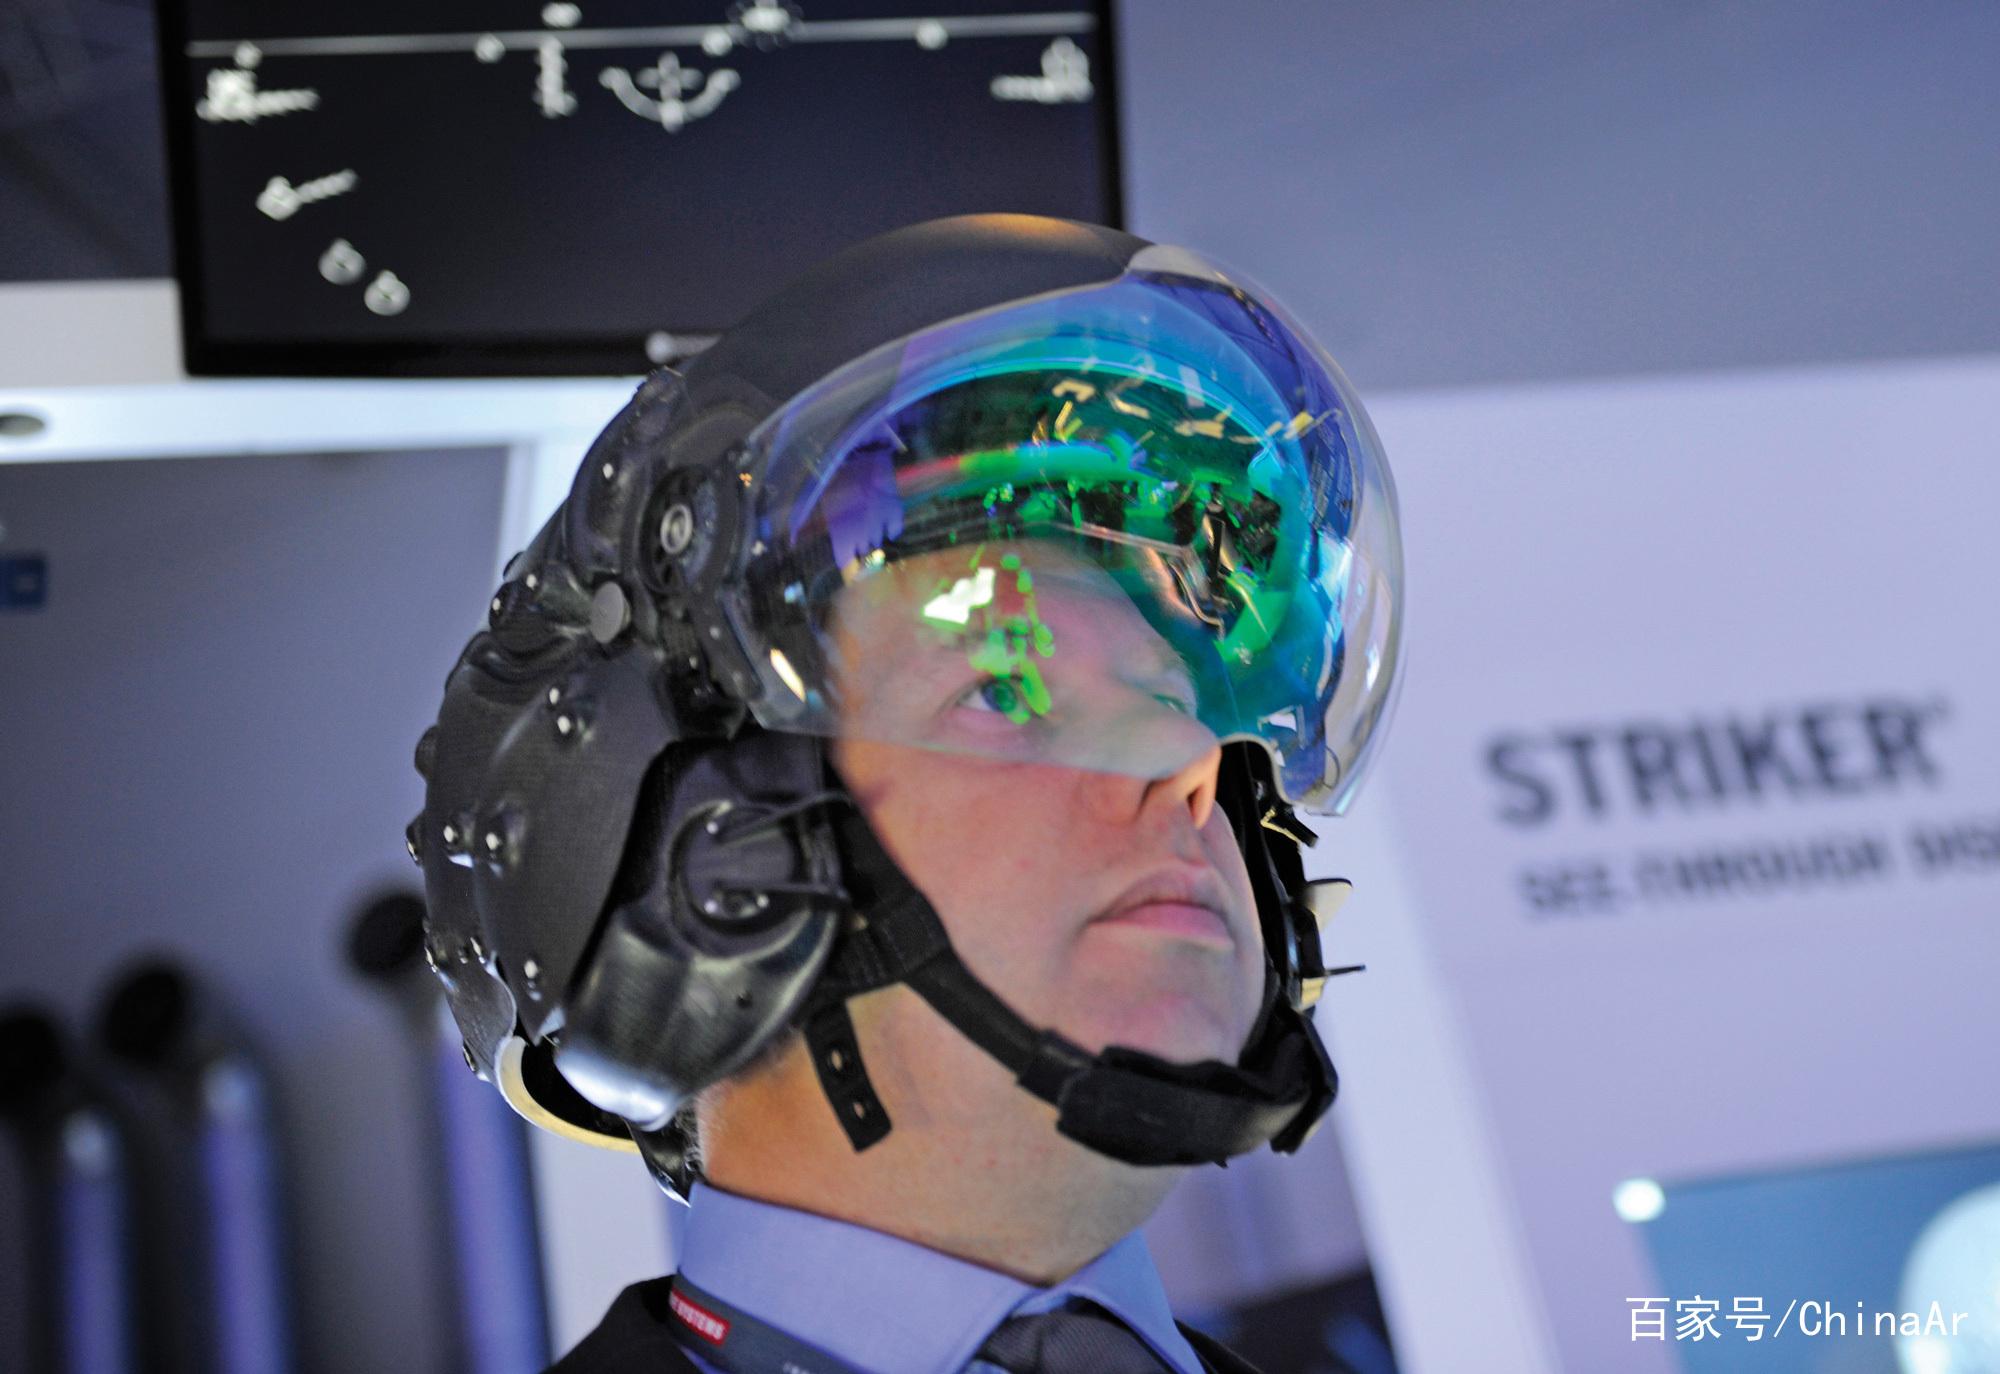 把AR技术应用到战斗机飞行上 让科幻变成现实 AR资讯 第2张